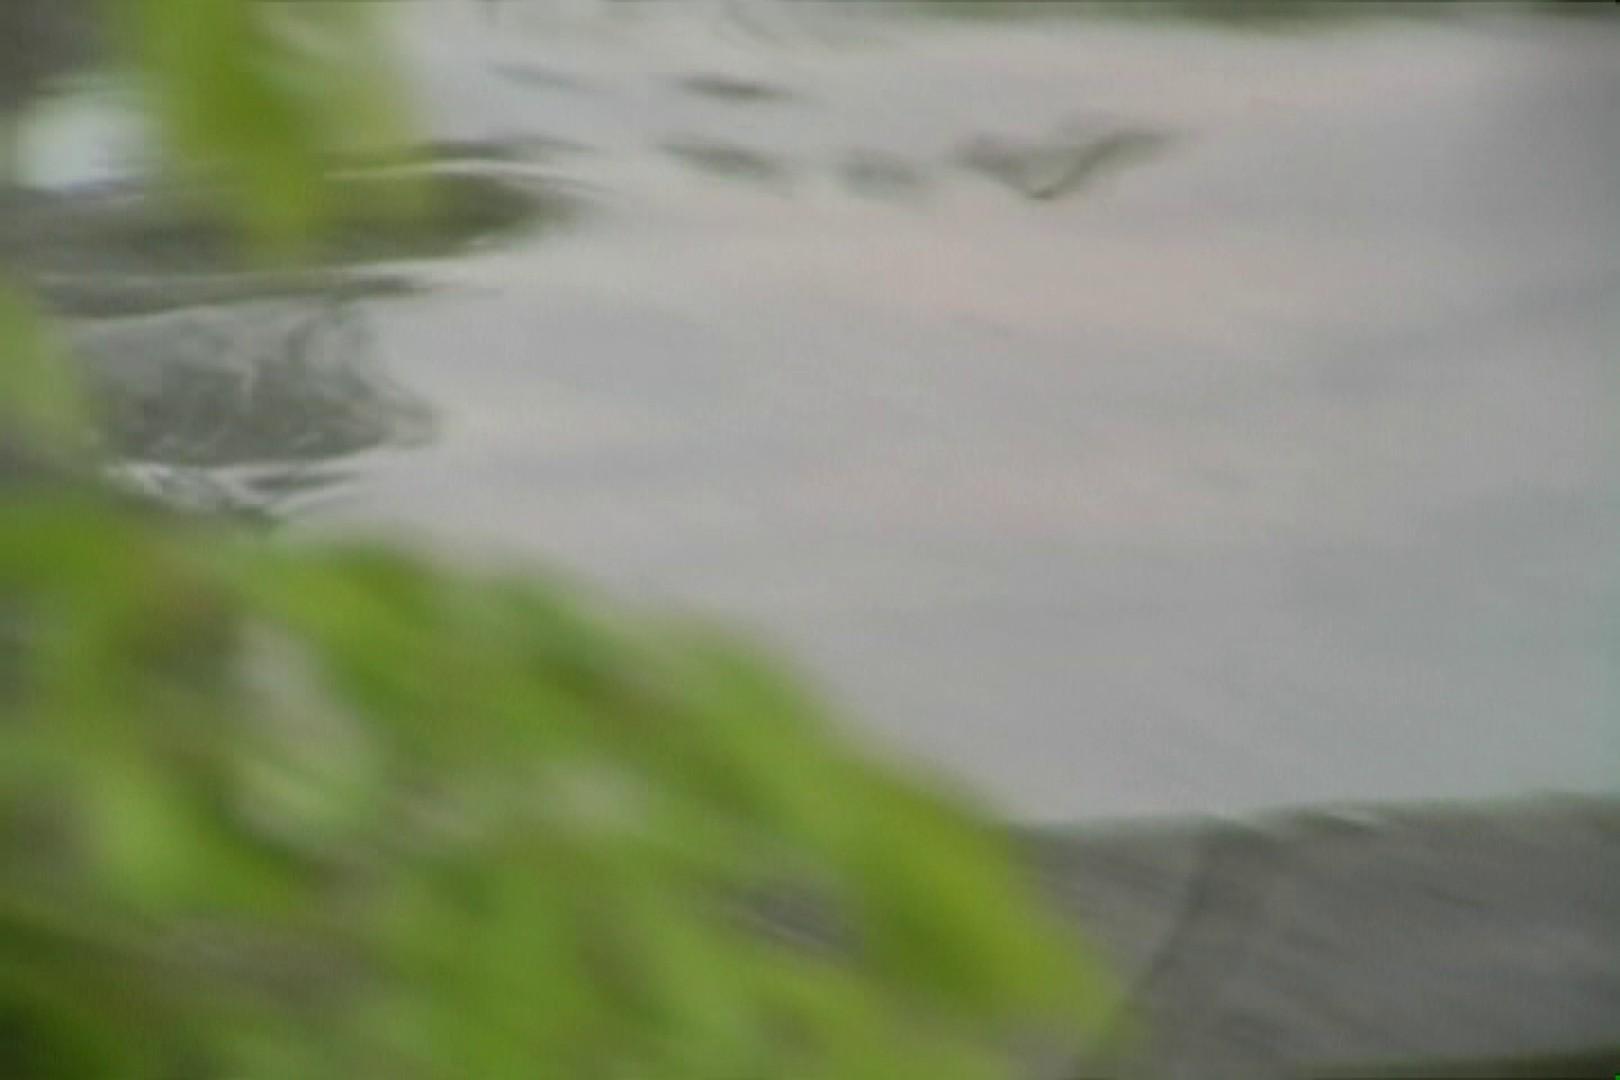 Aquaな露天風呂Vol.614 美しいOLの裸体  79pic 12